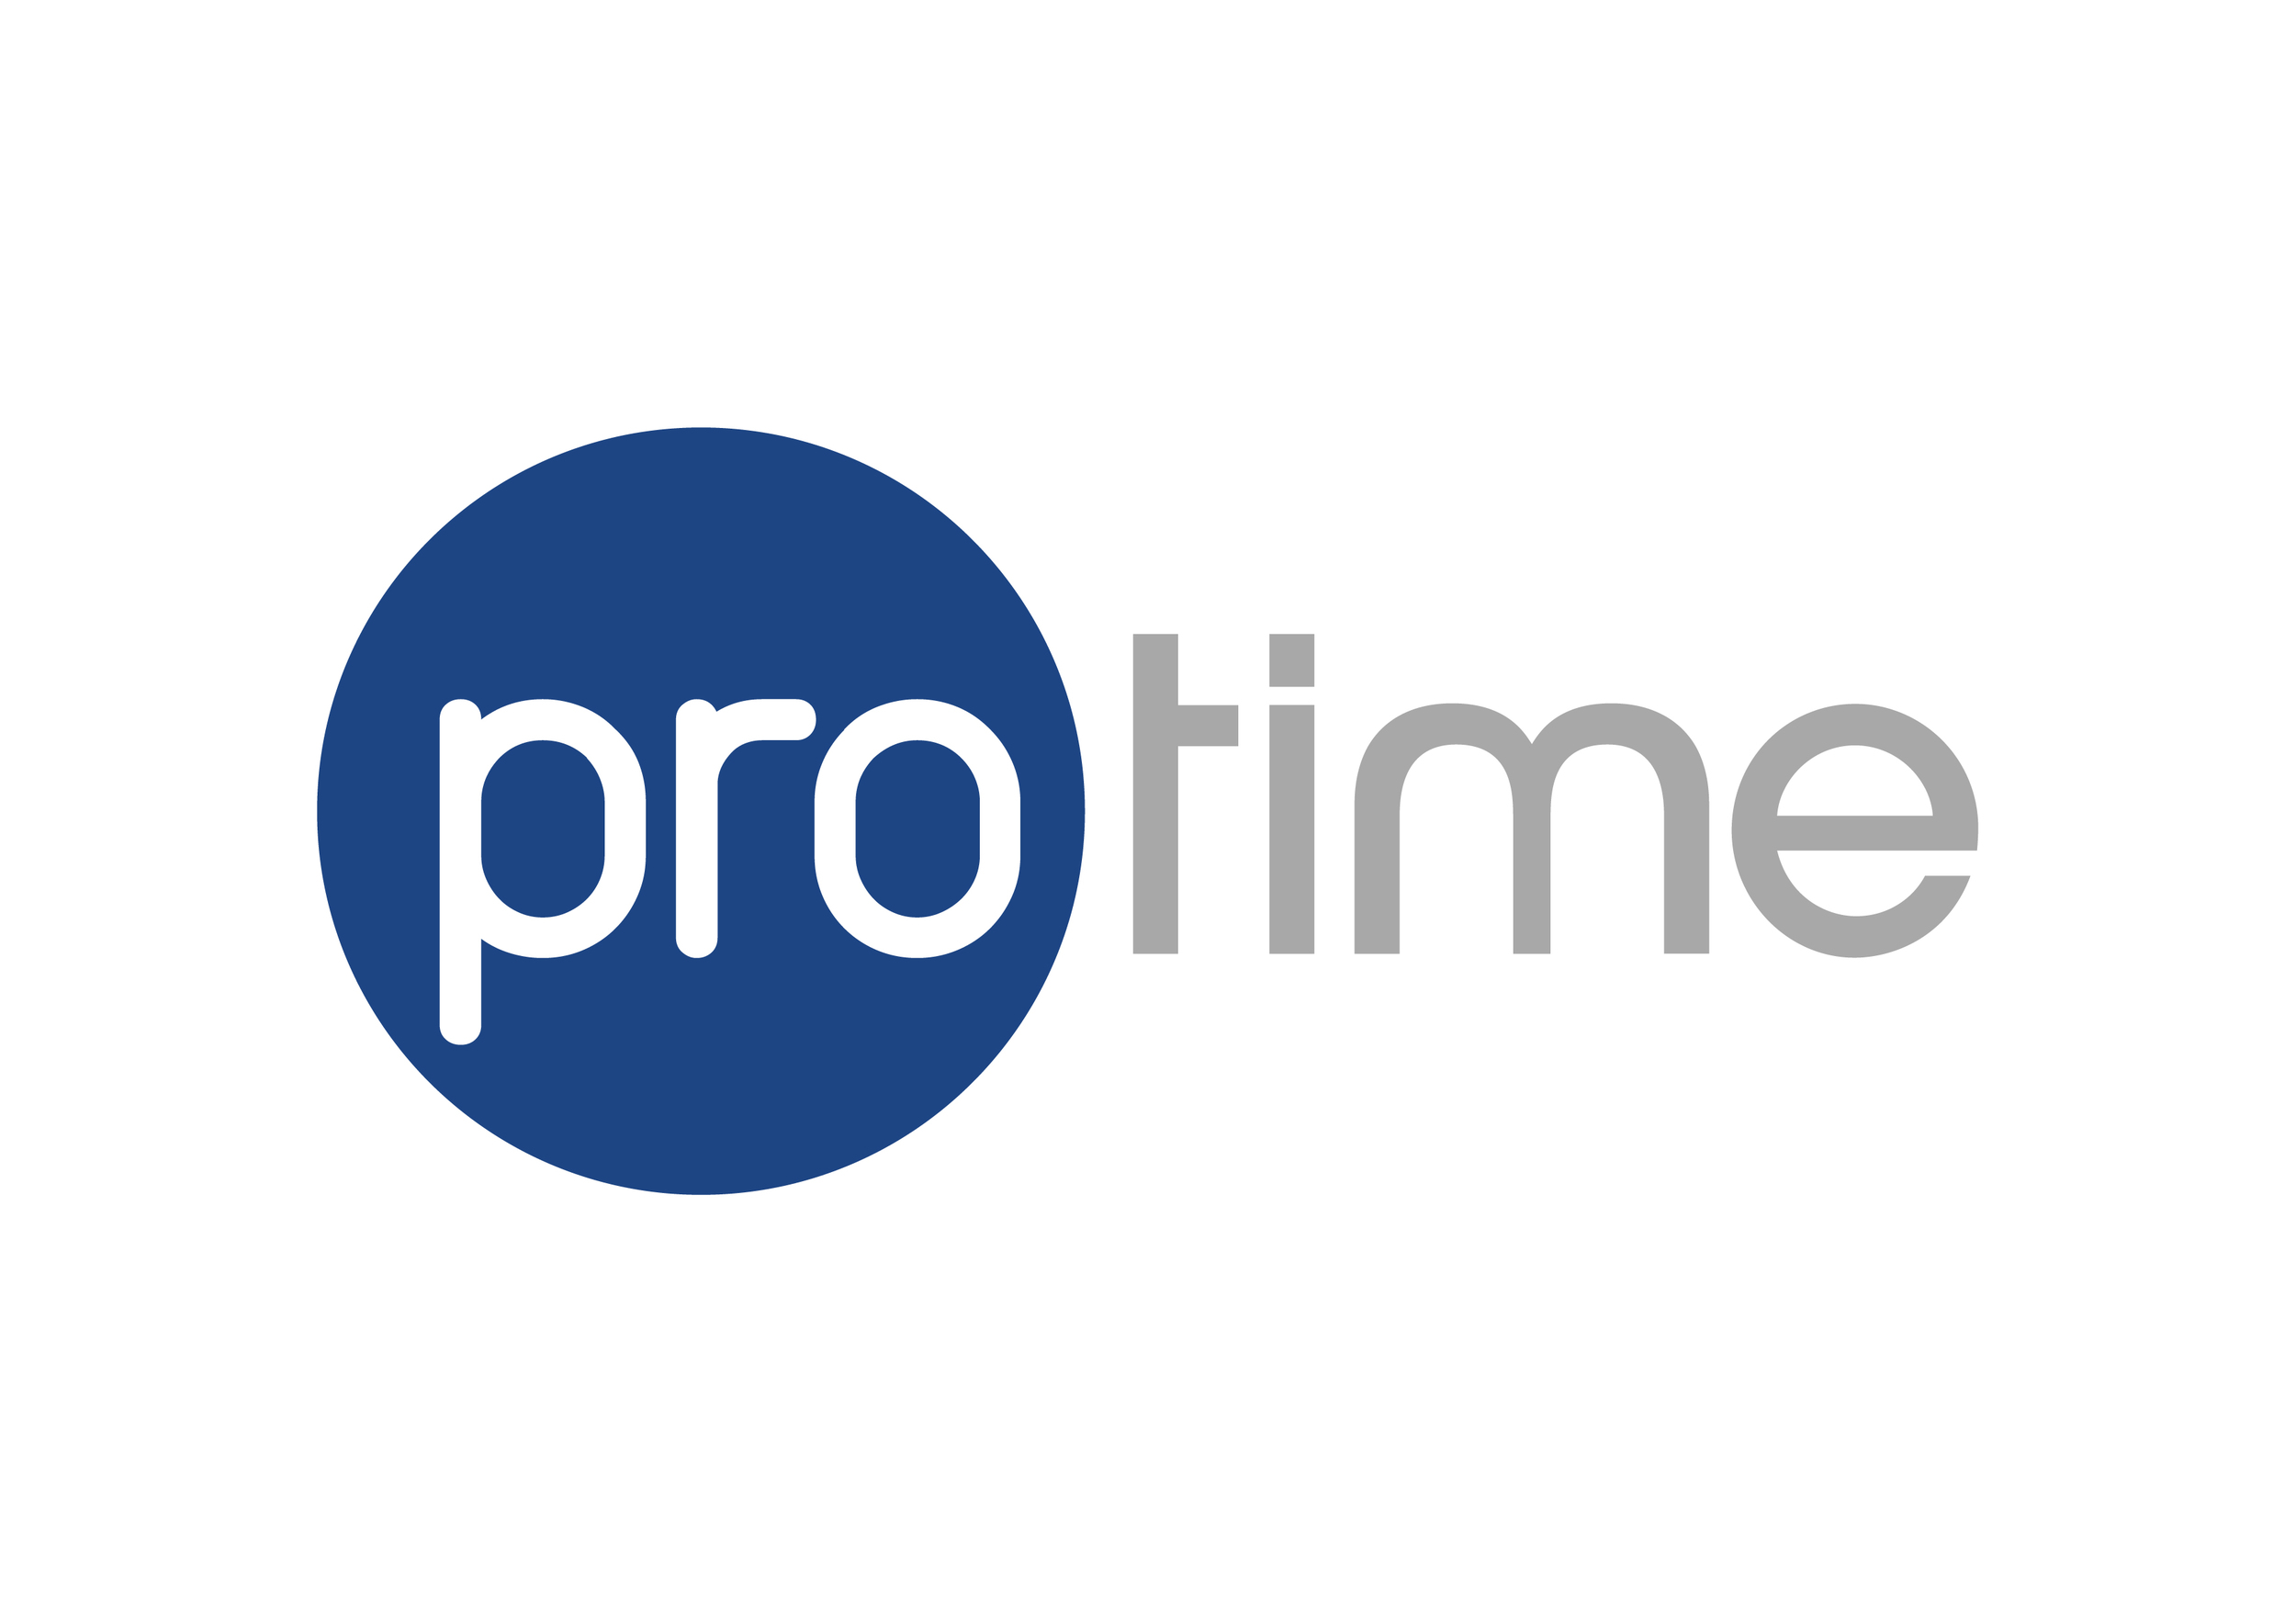 Protime   Mensen en tijd zijn twee cruciale elementen voor elke organisatie, omdat ze belangrijk en tegelijkertijd zo beperkt zijn. Protime maakt tijd meetbaar door het aanbieden van gebruiksvriendelijke en betrouwbare softwareoplossingen op het vlak van tijdregistratie en personeelsplanning. Zo verlichten wij de HR Administratie opdat er meer tijd kan gaan naar mens en beleid in uw organisatie. En zo maken we uw tijd dus waardevol.